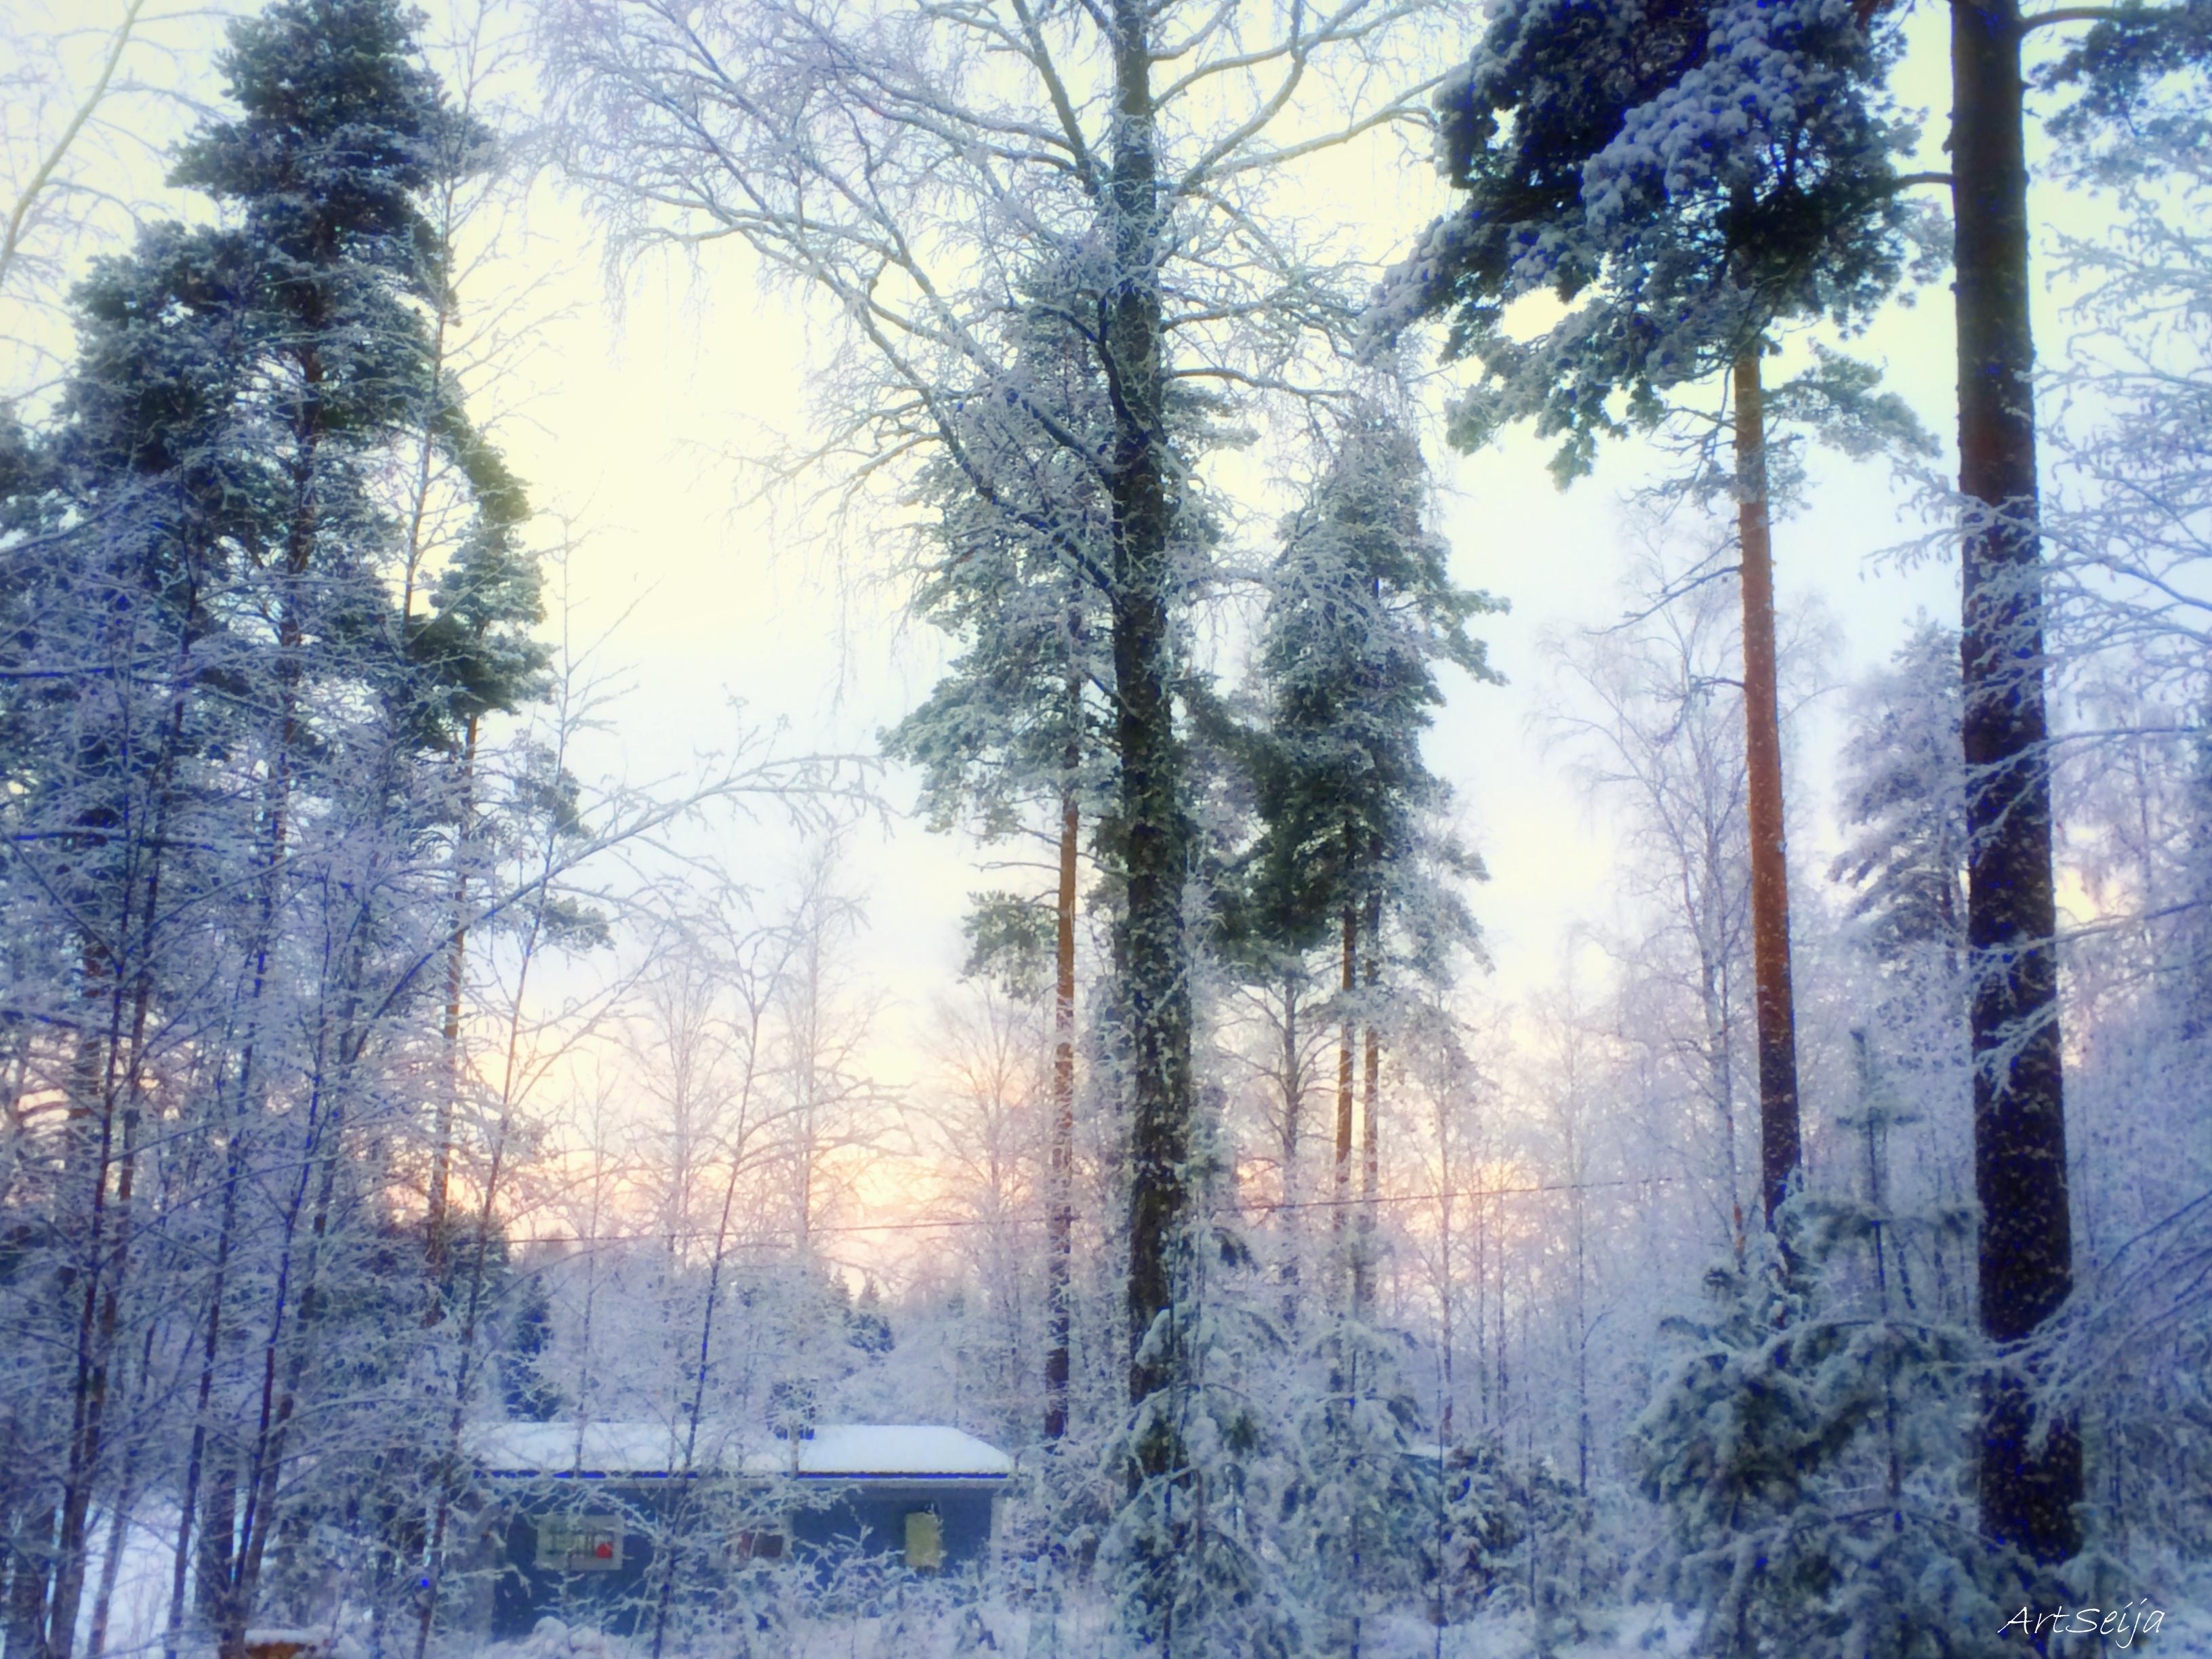 Talvinen mökki: Lahmajärvi, Urjala